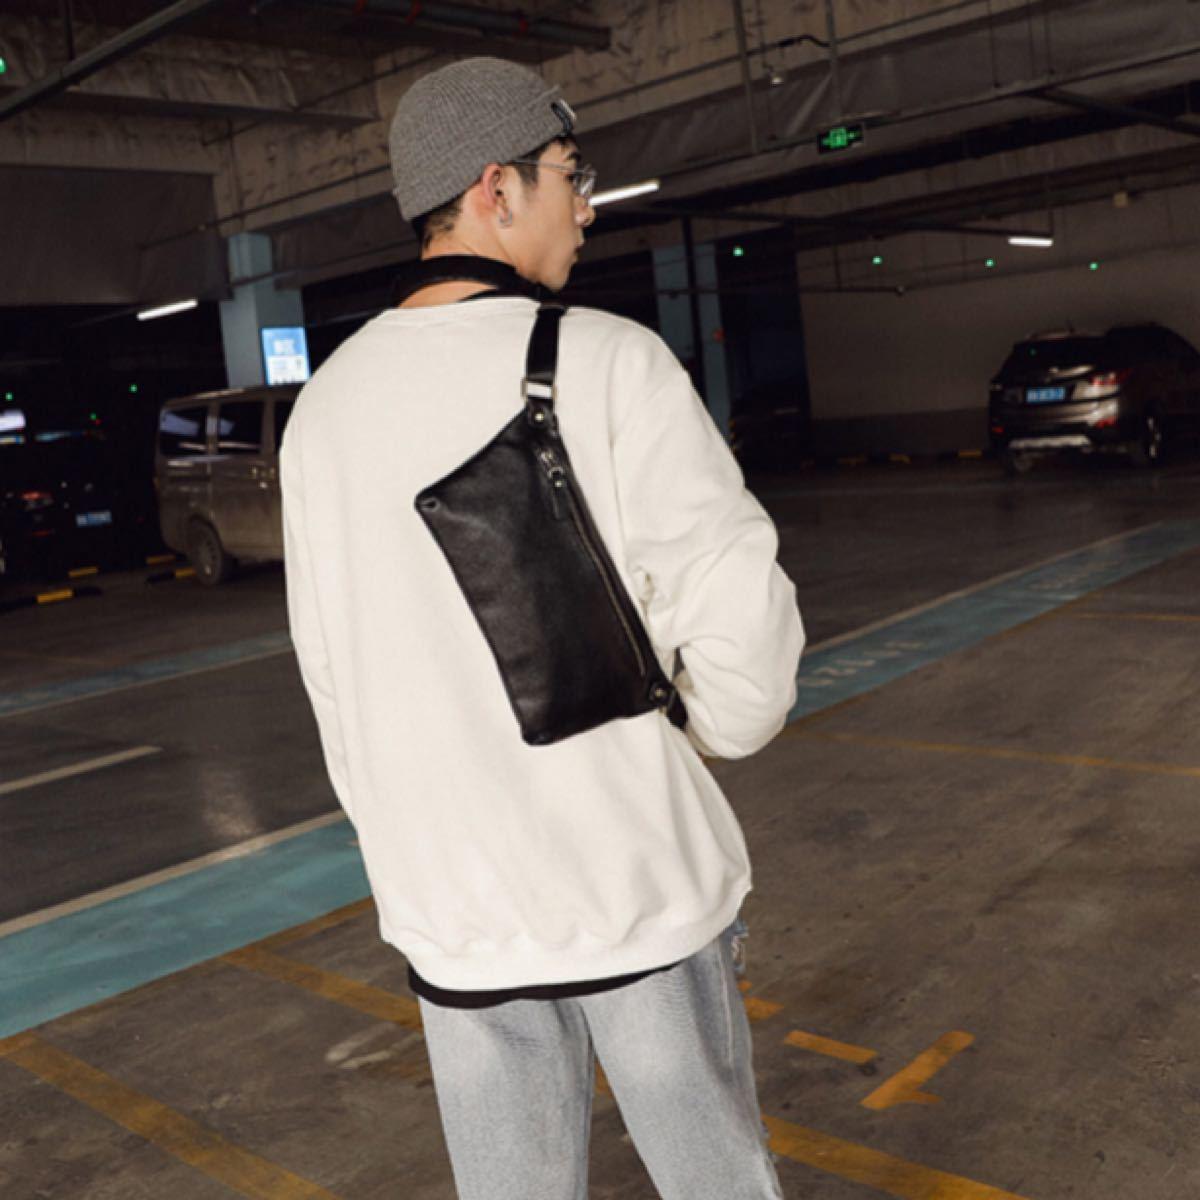 ボディバッグ ウエストバッグ ショルダーバッグ黒 ブラック ヒップバック フェイクレザー レザー メンズ サコッシュ コンパクト